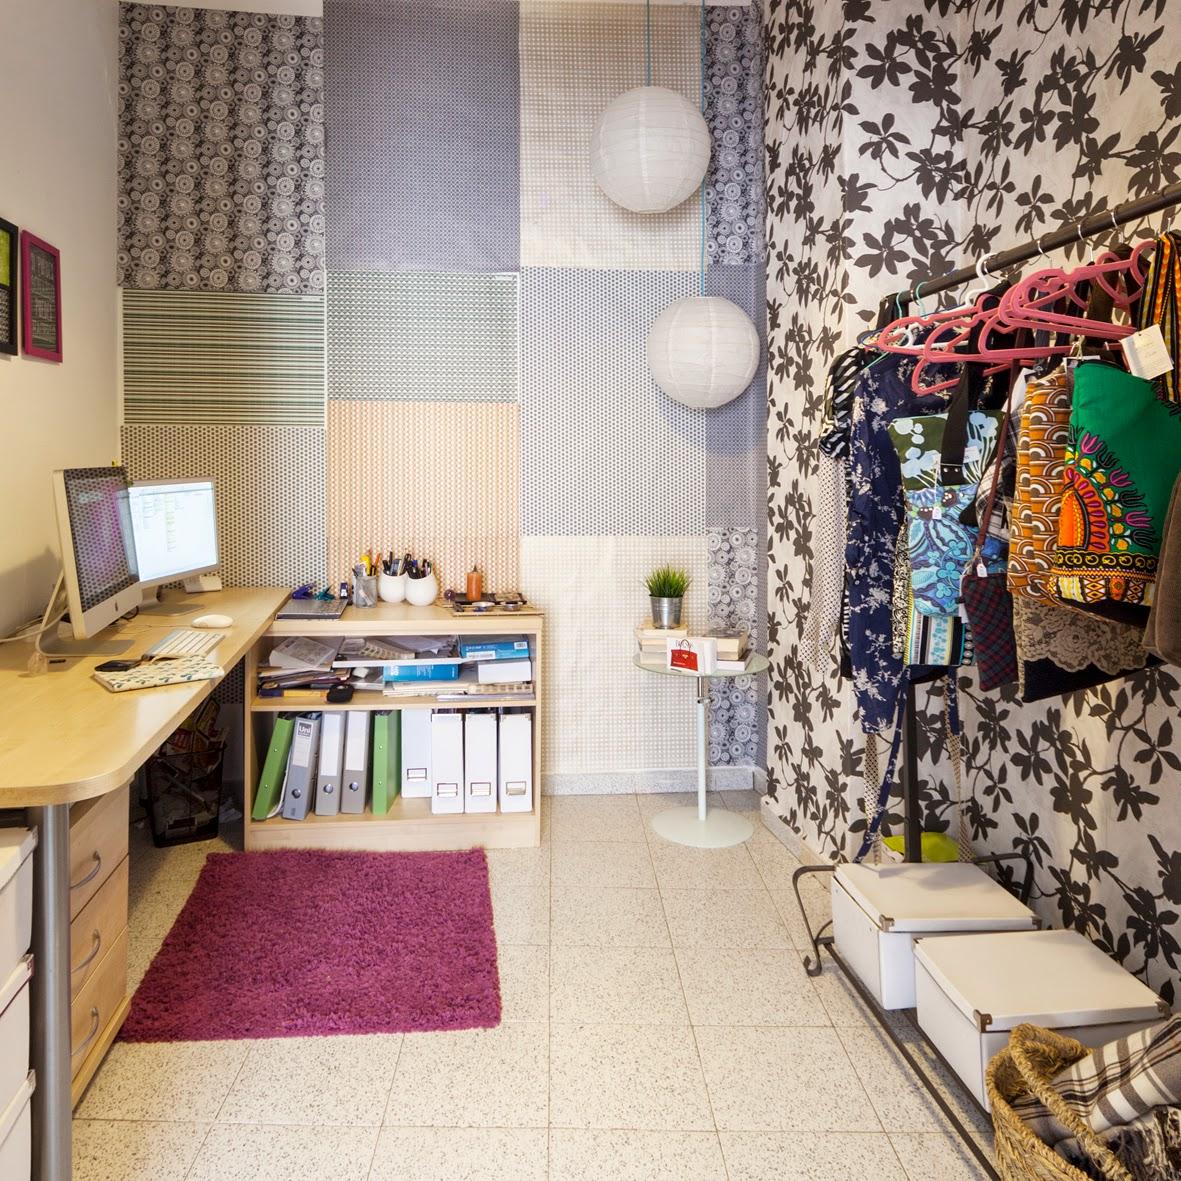 cris b, atelier cris b, taller cris b, estudios, espacios de trabajo, ecologico